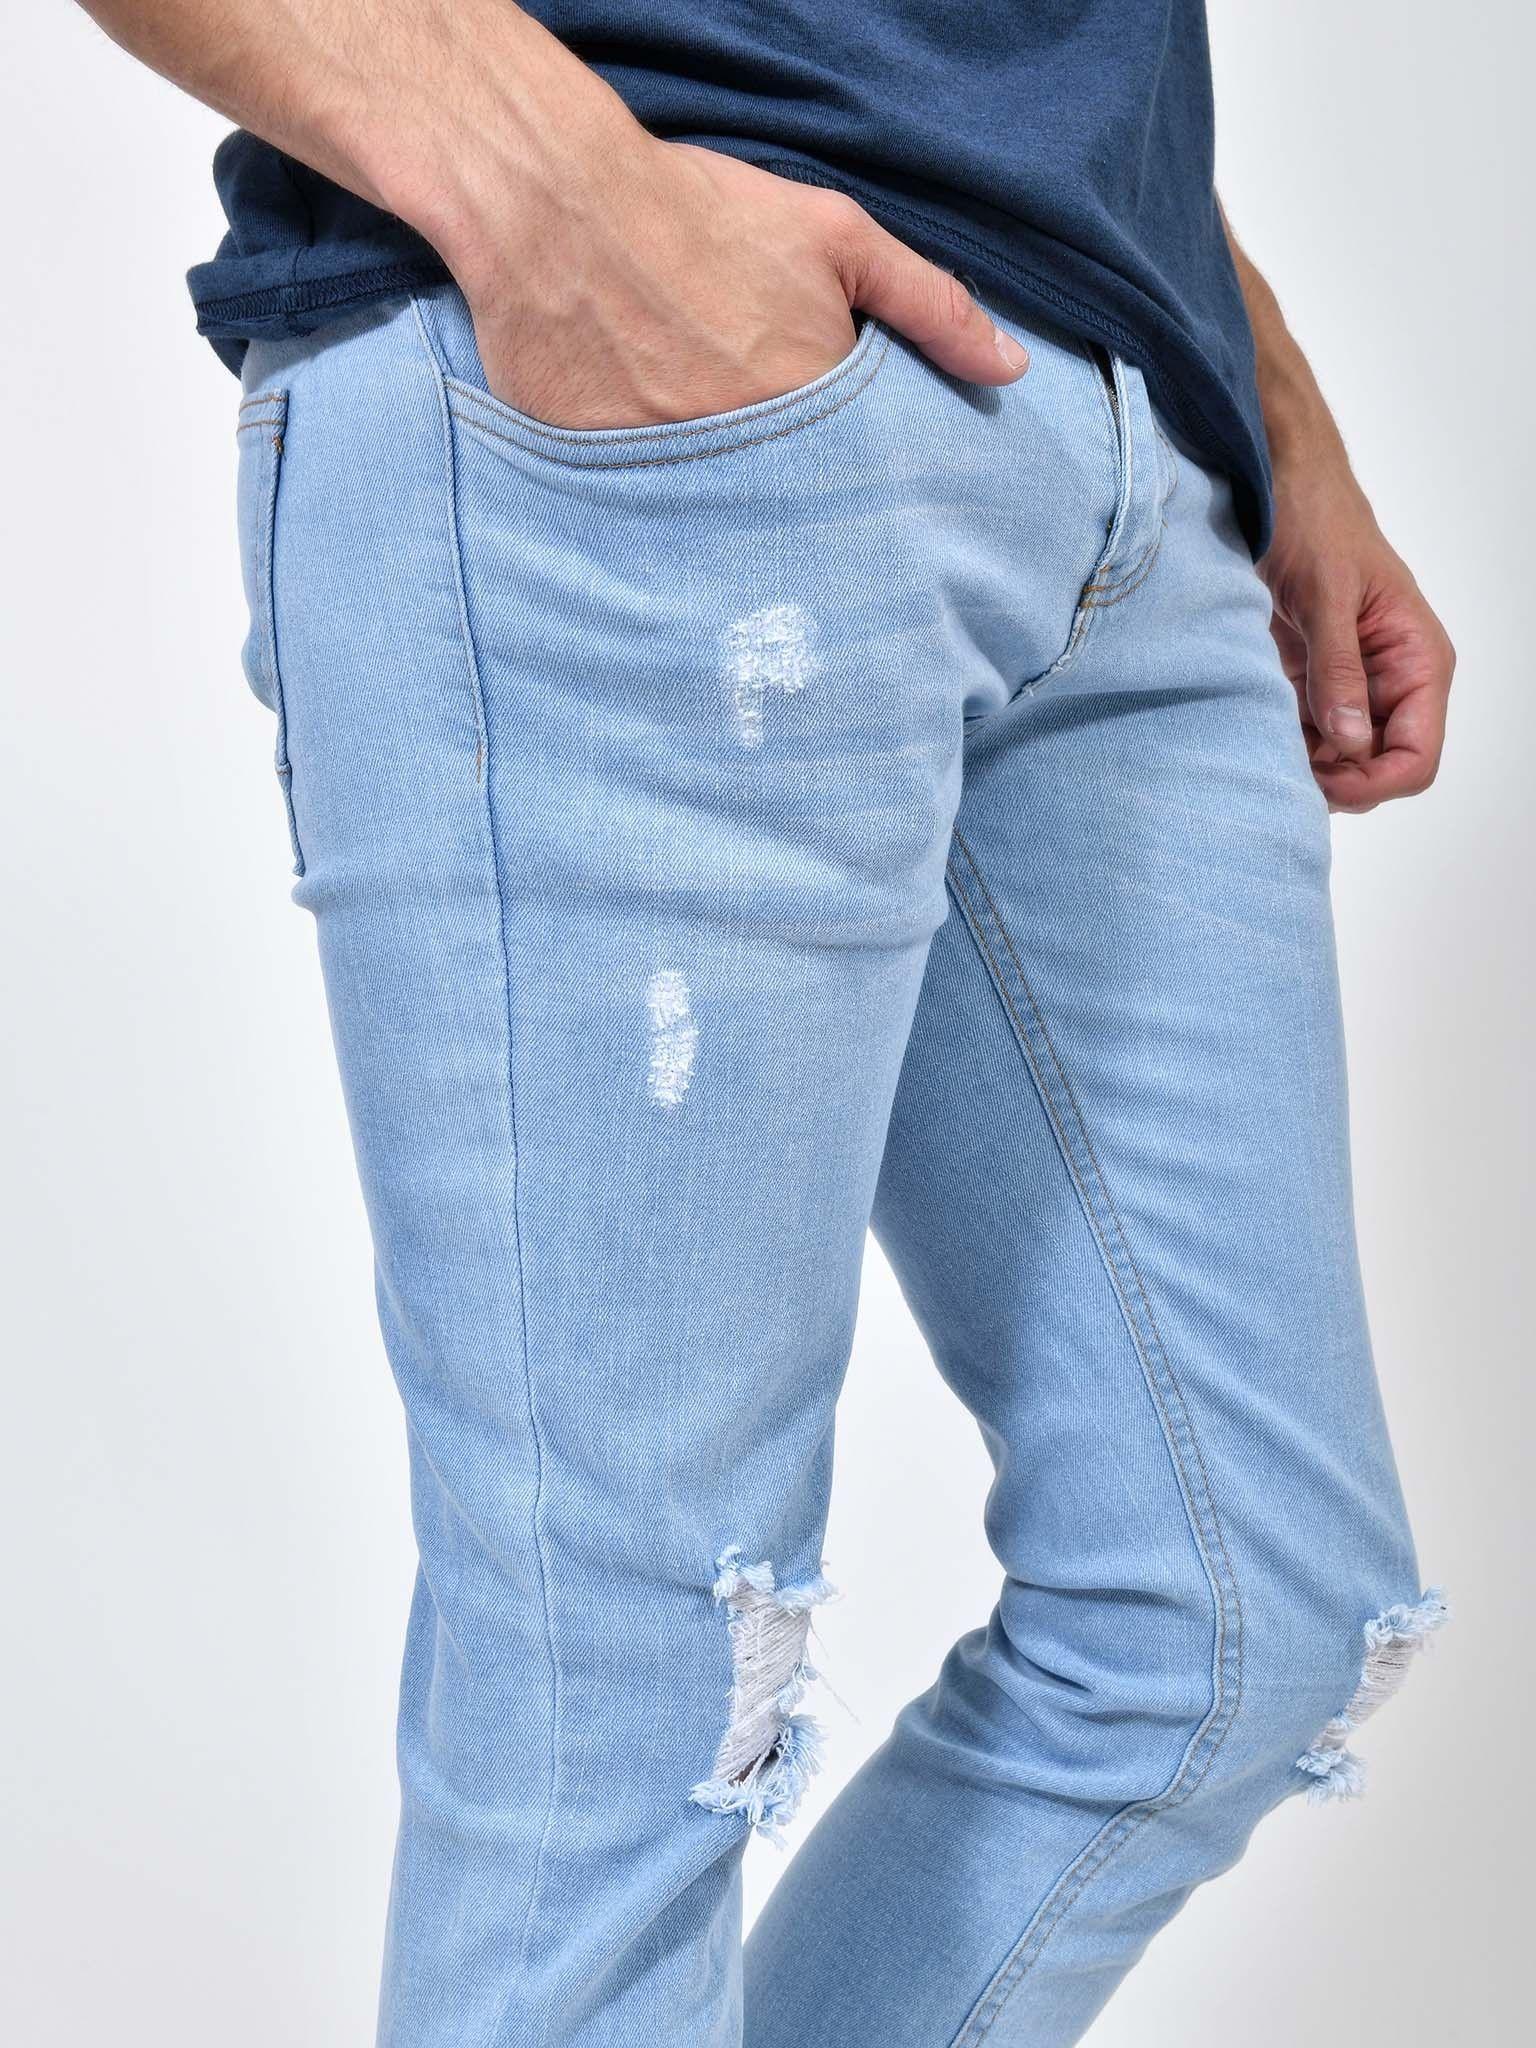 Jeans Skinny Rotos Cuidado Con El Perro Jeans Skinny Cuidado Con El Perro Skinny